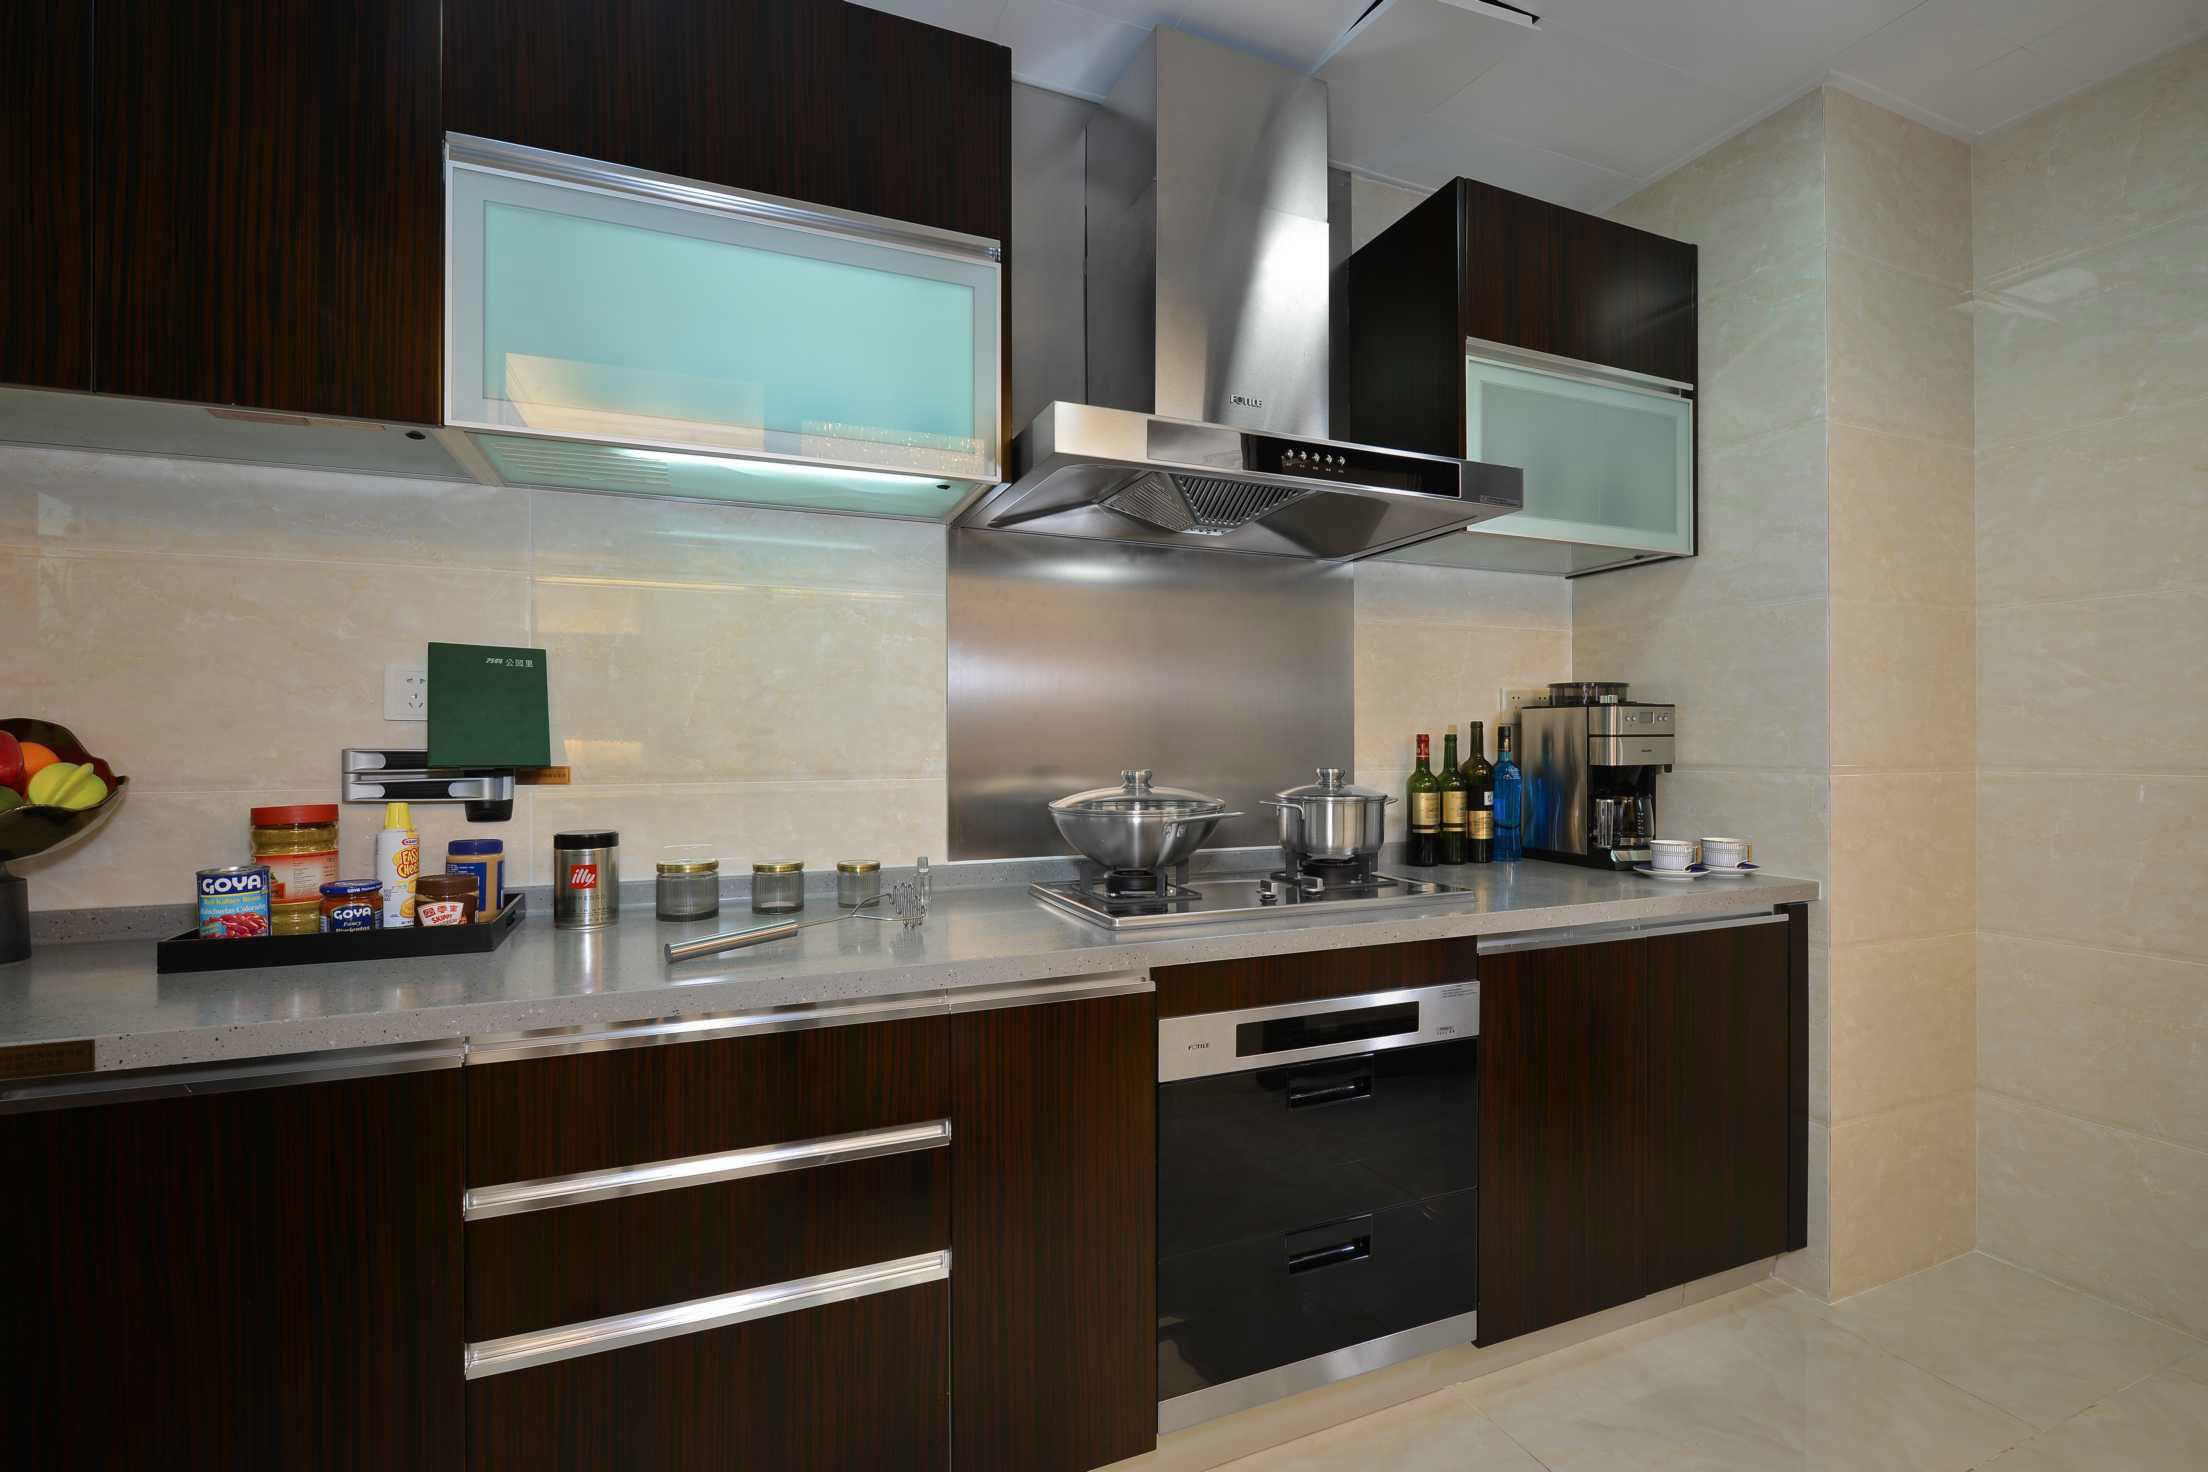 方太厨电现代厨房装修效果图